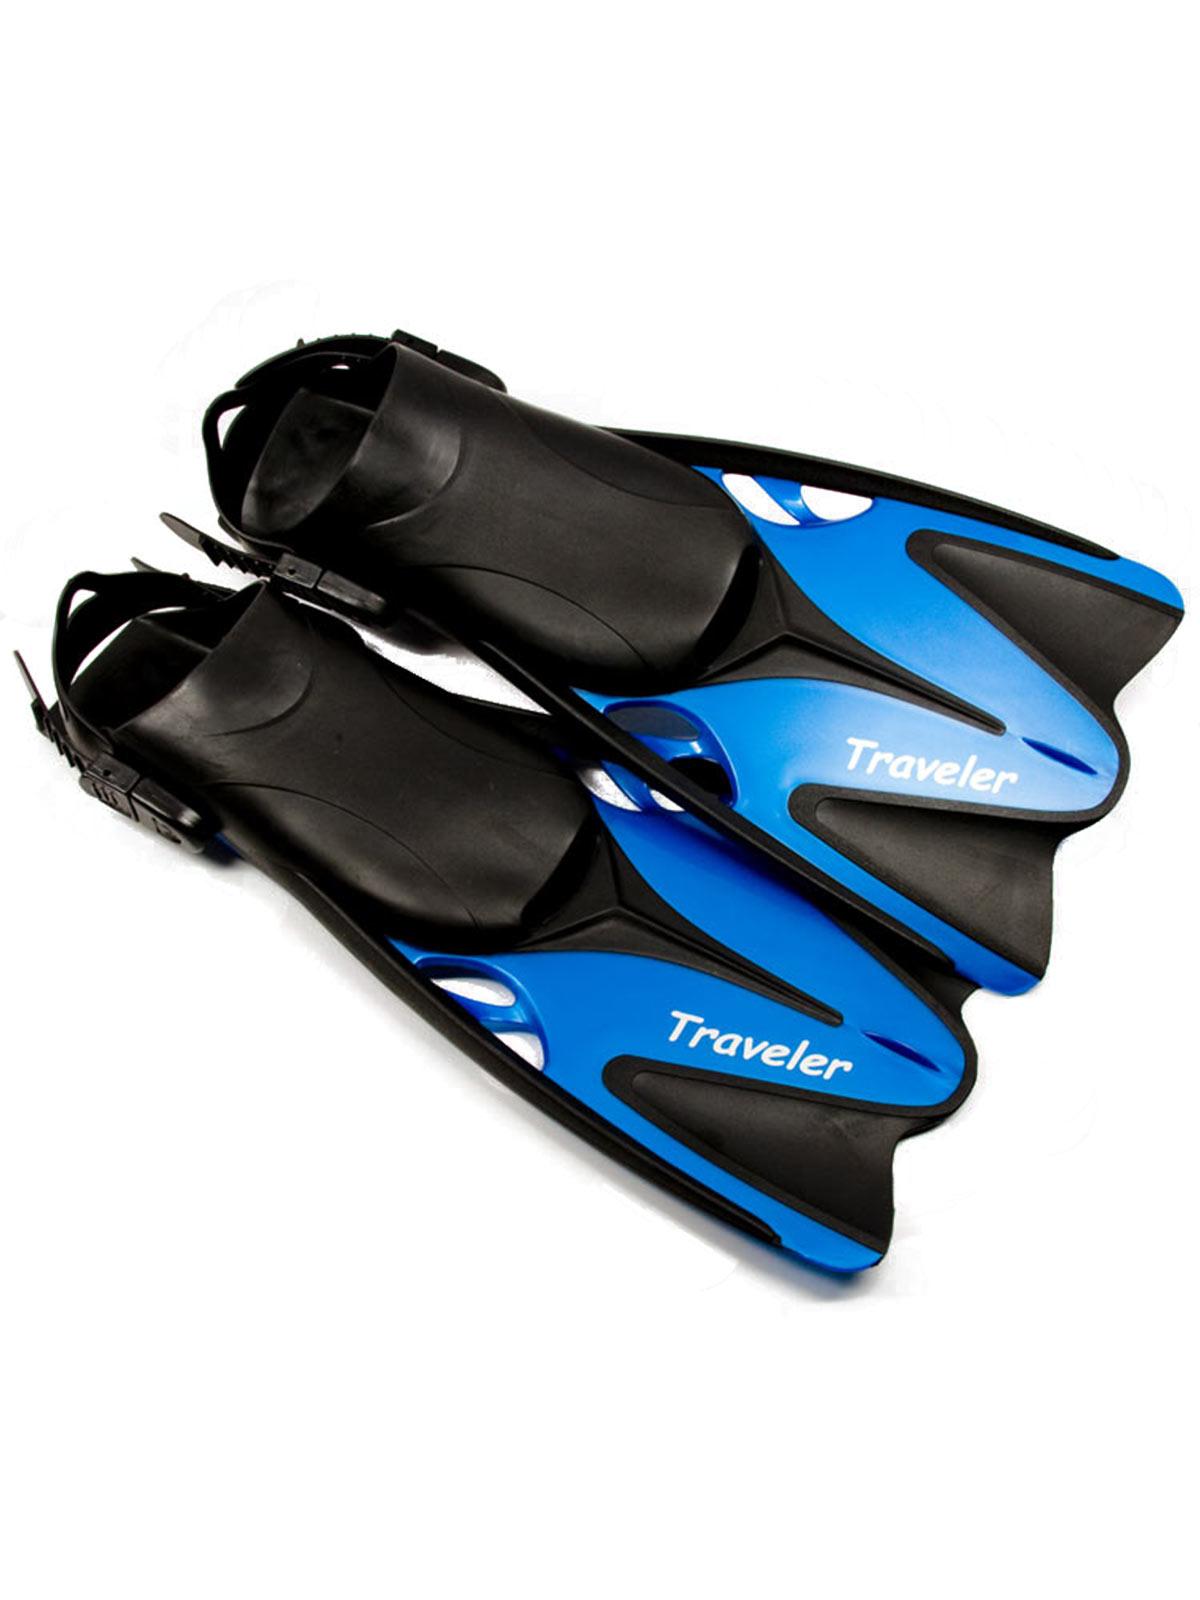 Sea dive traveler snorkeling fins for Dive fins